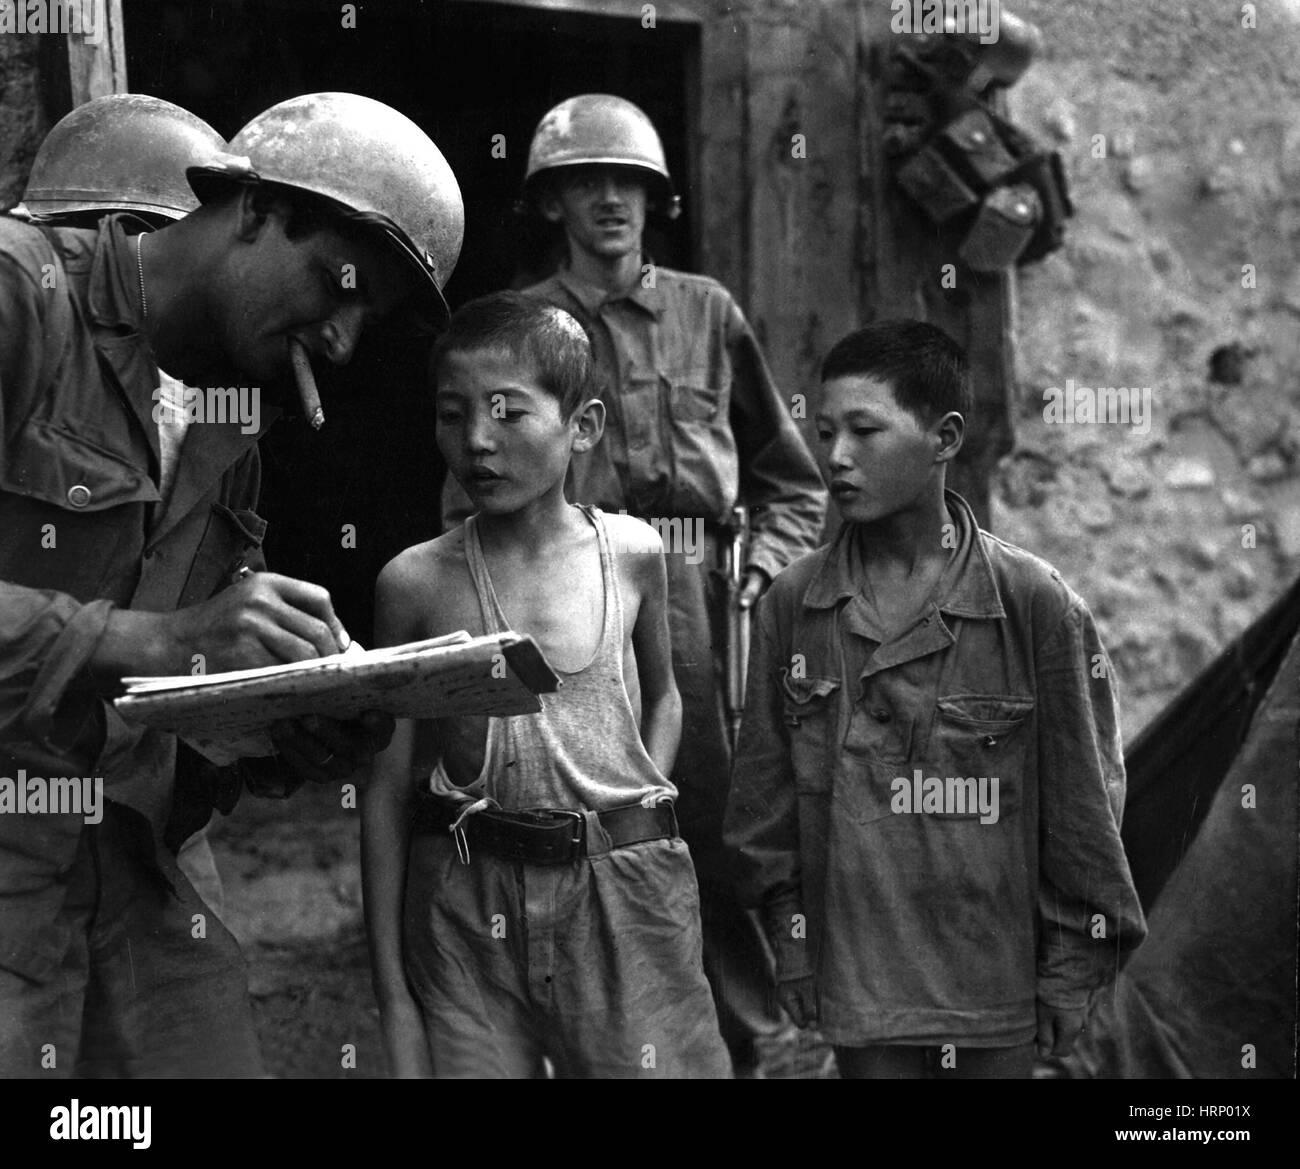 Korean War, Captured Soldiers, 1950 - Stock Image